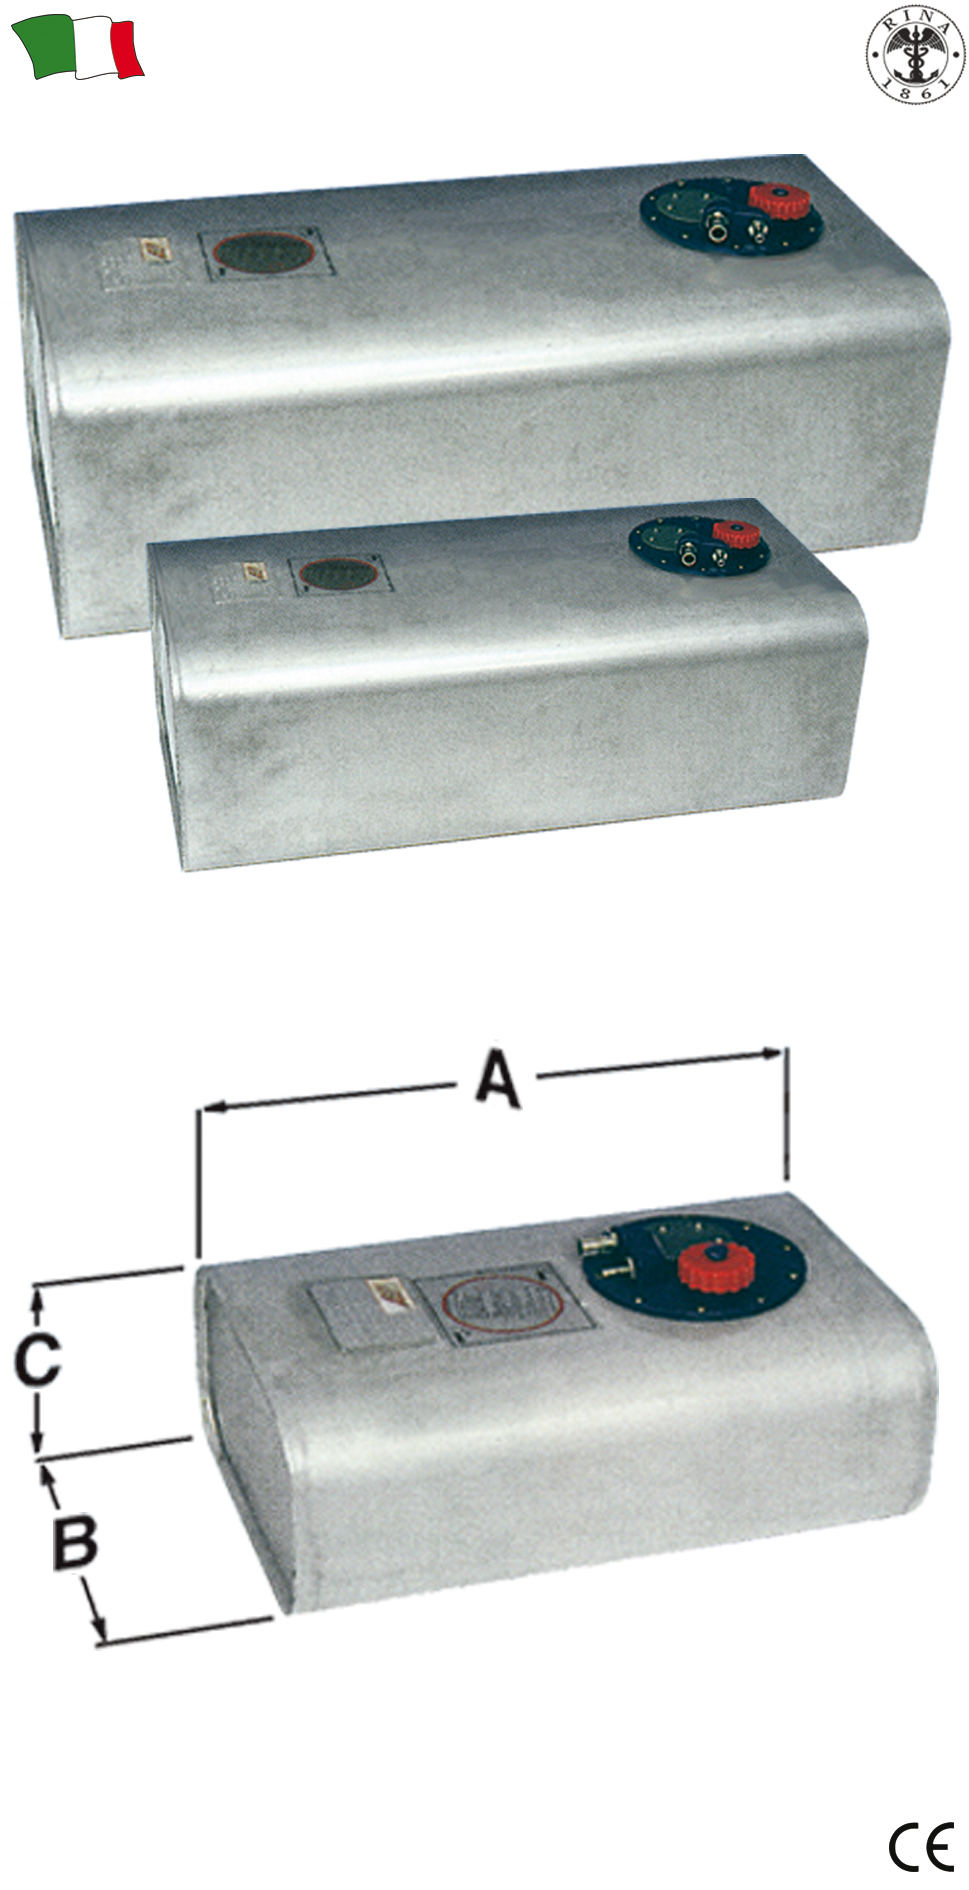 Serbatoi fissi in acciaio inox g f n gibellato for Gibellato nautica